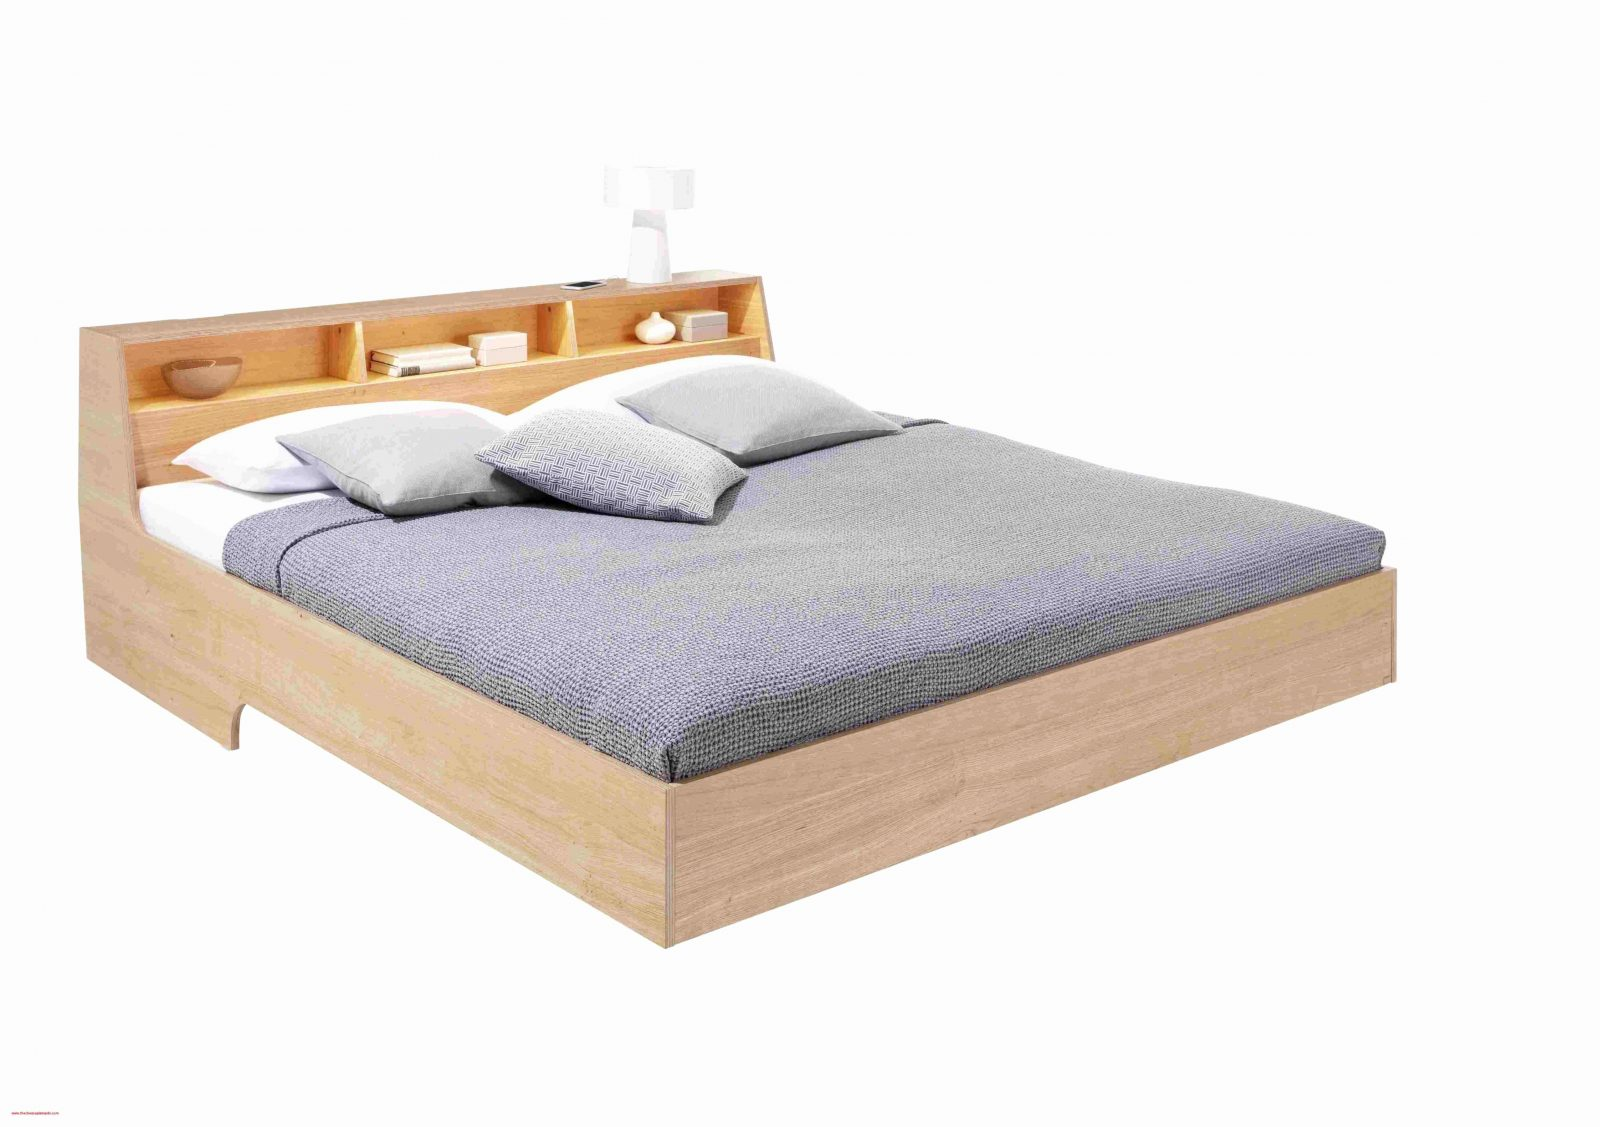 Schlafzimmer 12 Qm Einrichten Schön Kleines Schlafzimmer Einrichten von Kleine Schlafzimmer Schön Einrichten Bild